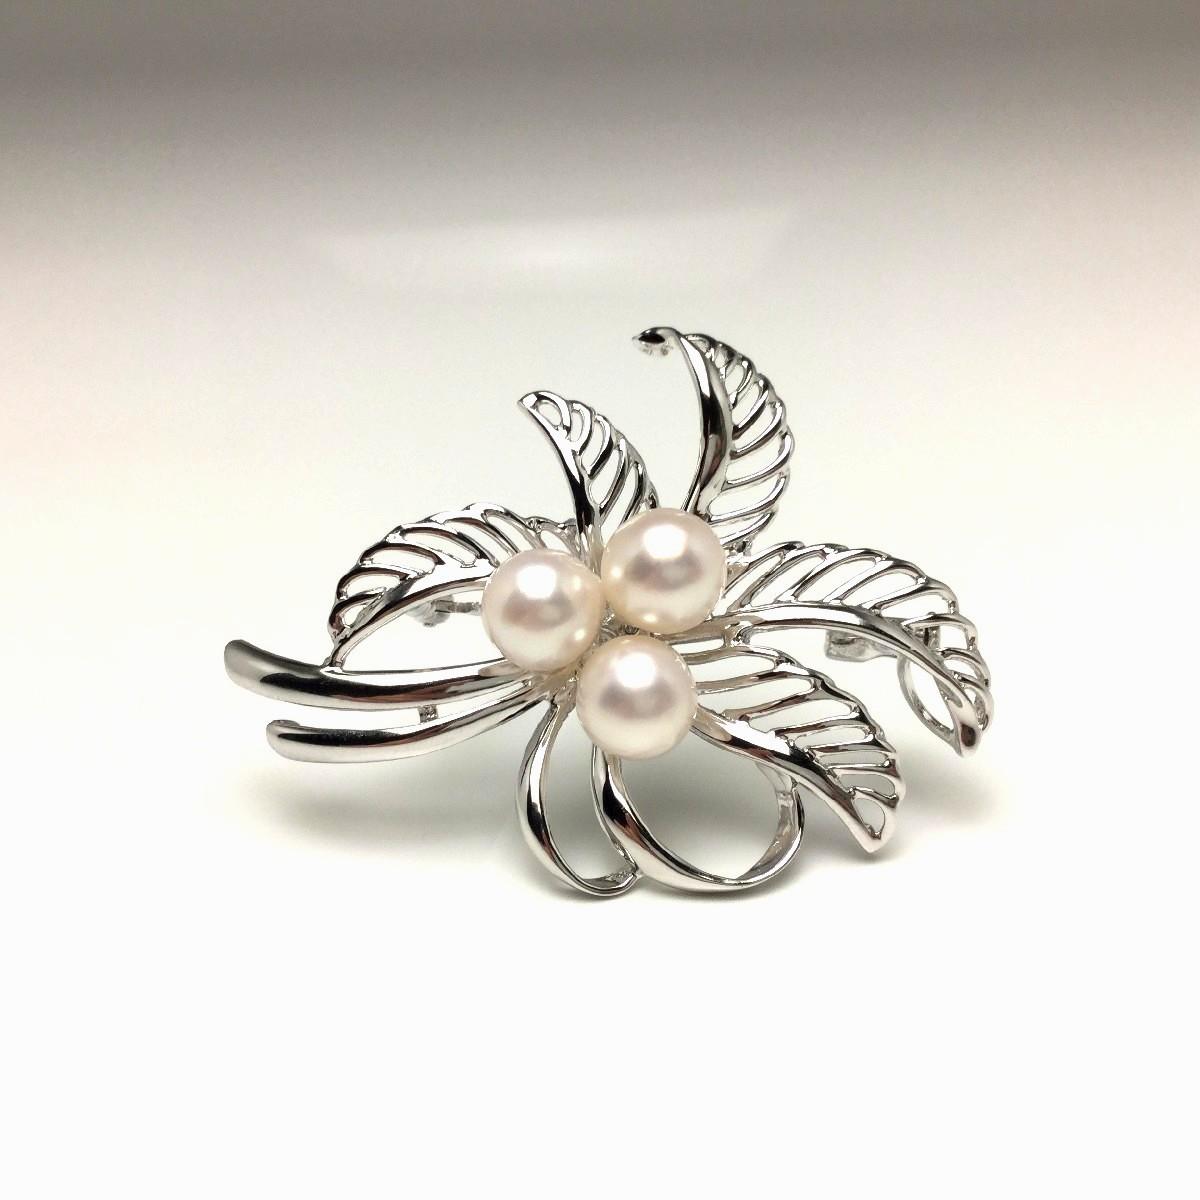 【10%OFF】真珠 ブローチ パール アコヤ真珠 7.0-7.5mm ホワイトピンク シルバー 植物 フラワー 67040 イソワパール